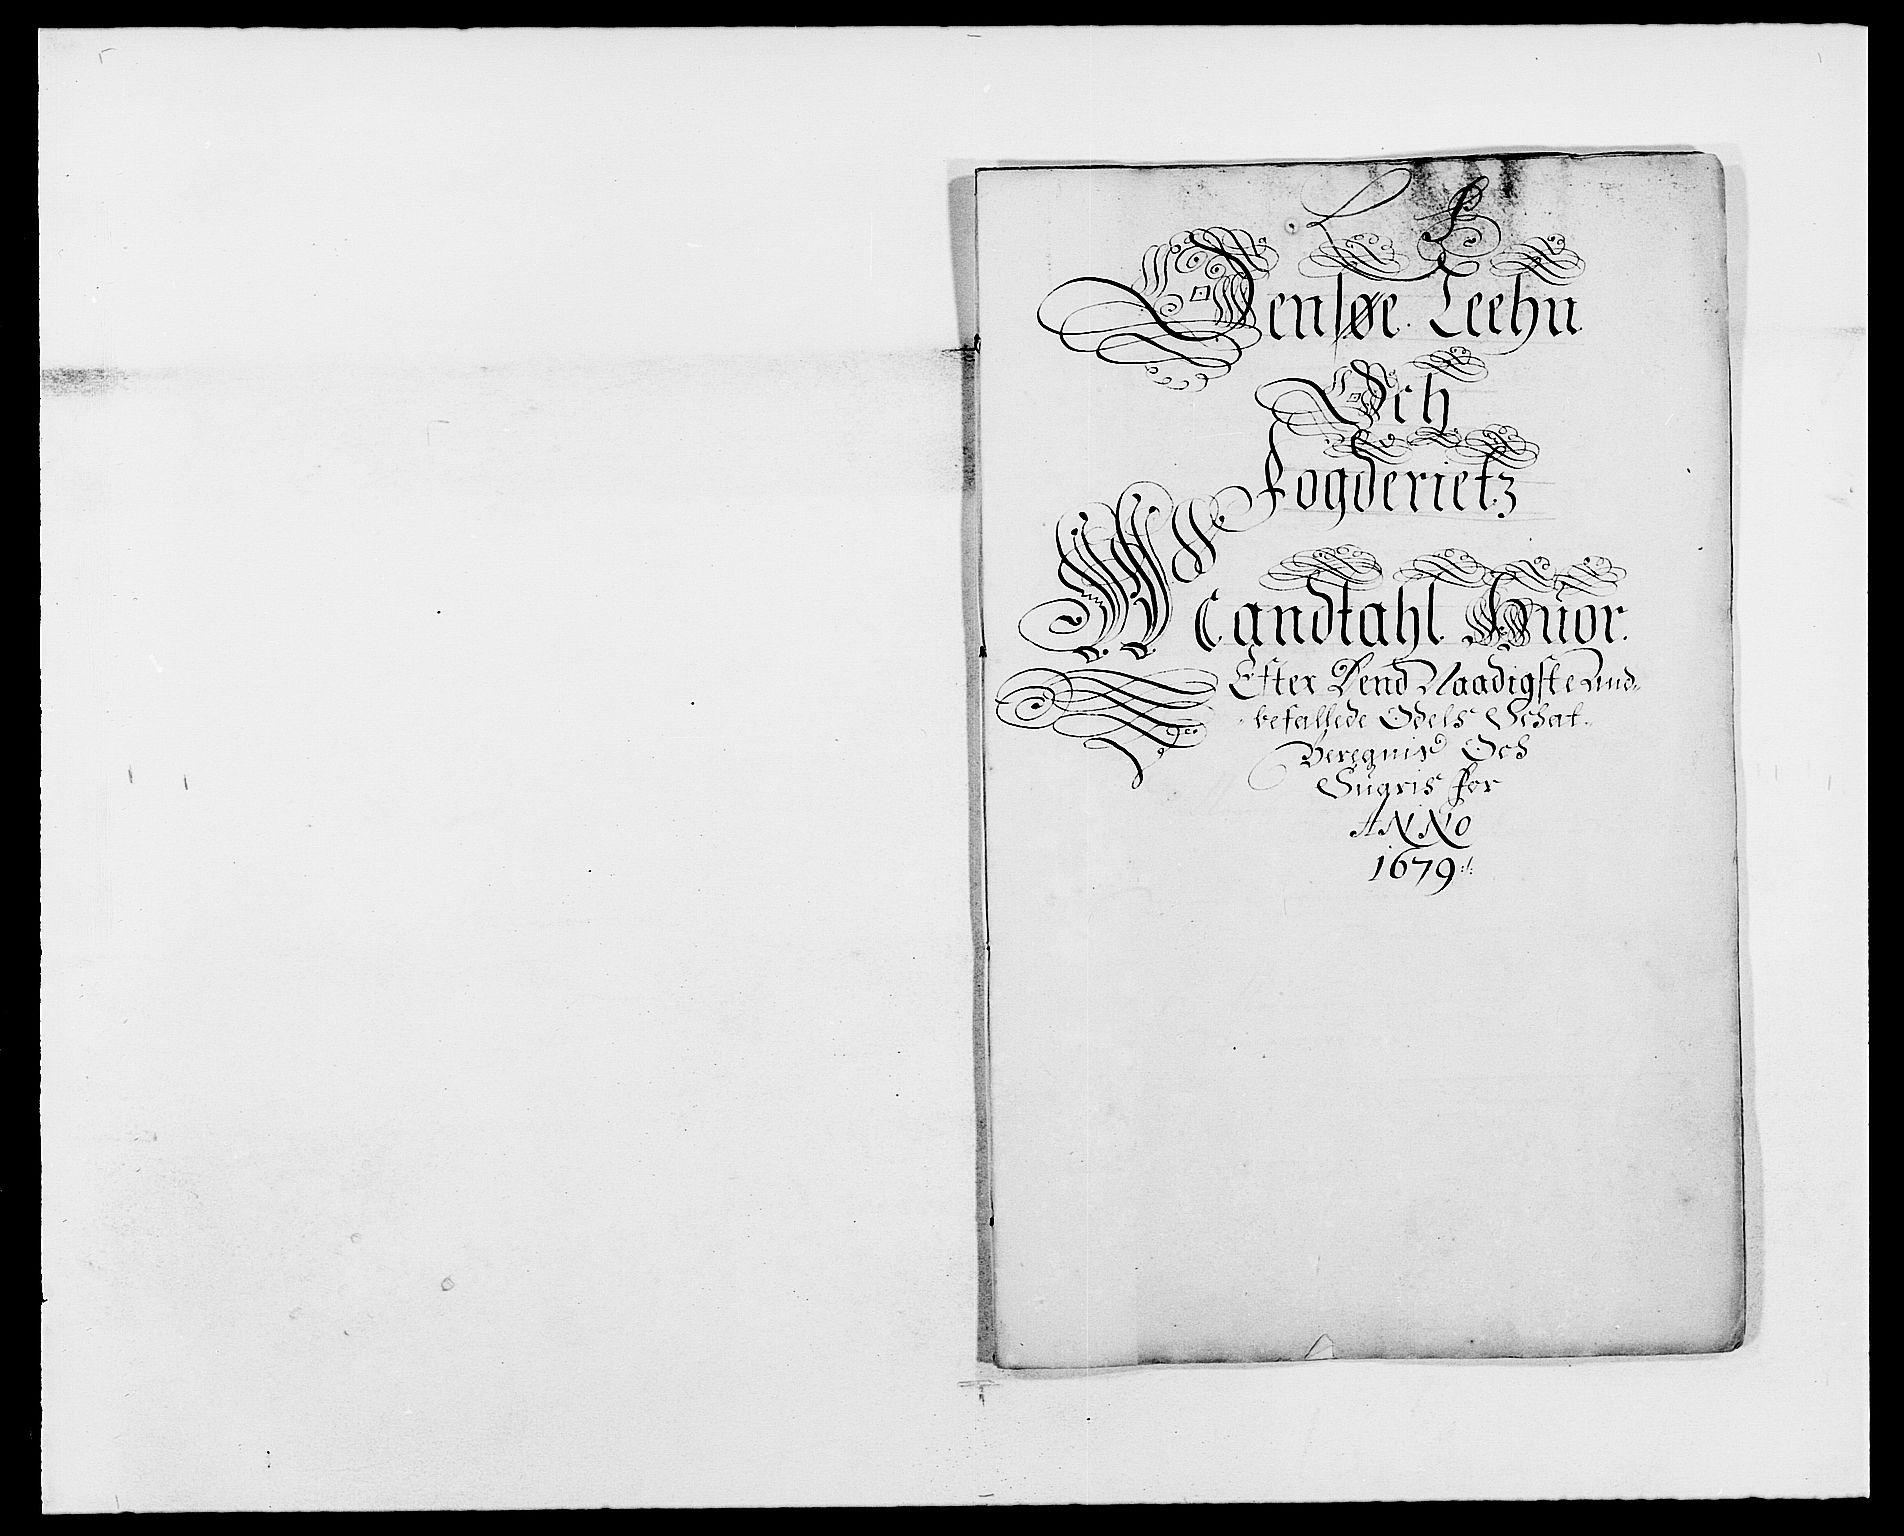 RA, Rentekammeret inntil 1814, Reviderte regnskaper, Fogderegnskap, R03/L0110: Fogderegnskap Onsøy, Tune, Veme og Åbygge fogderi, 1678-1679, s. 137